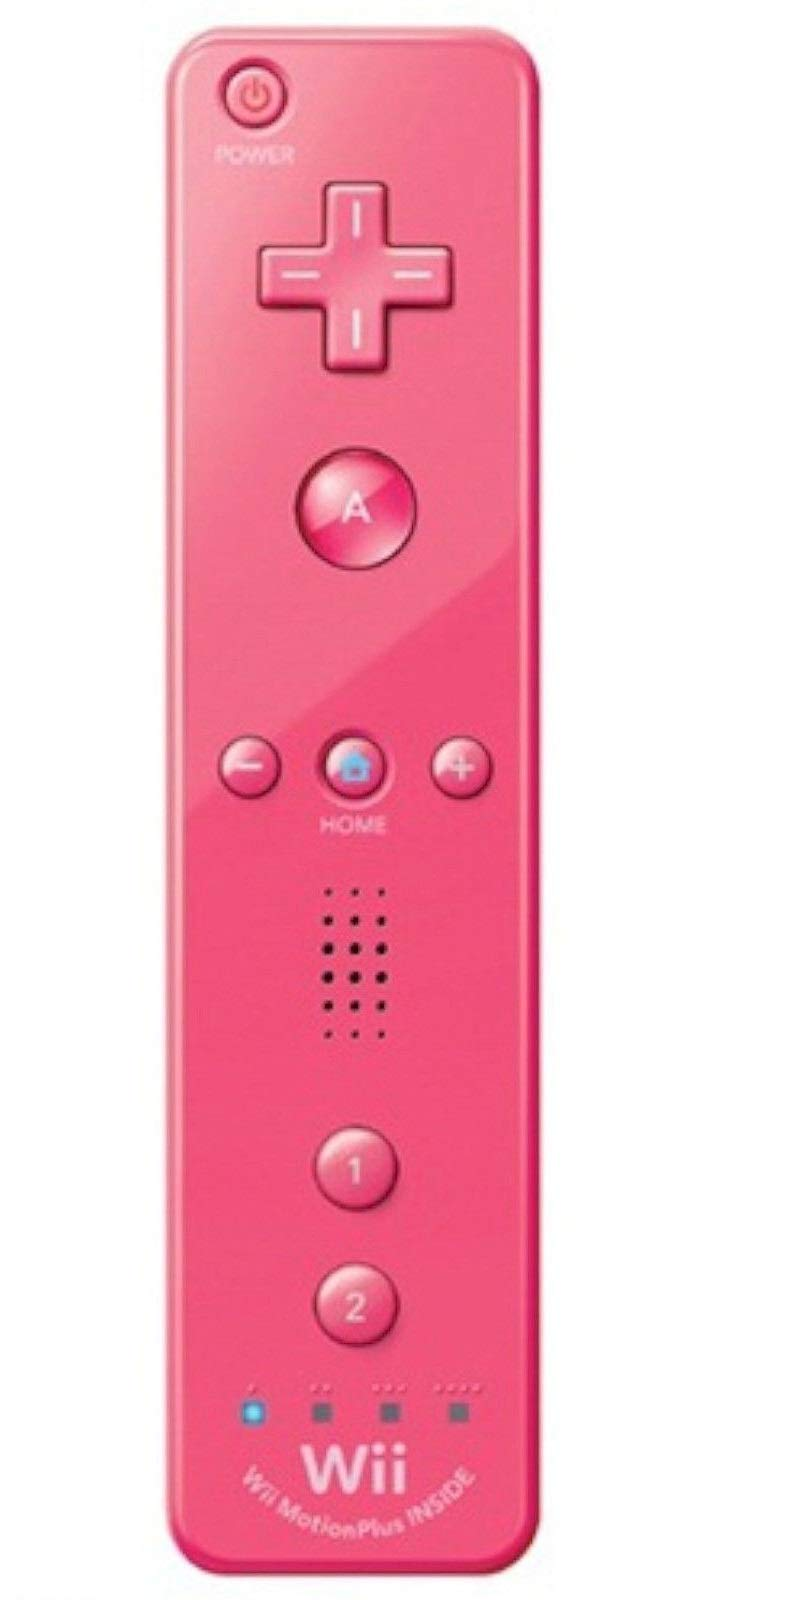 Nintendo Wii Remote Plus - Pink (Bulk Packaging)